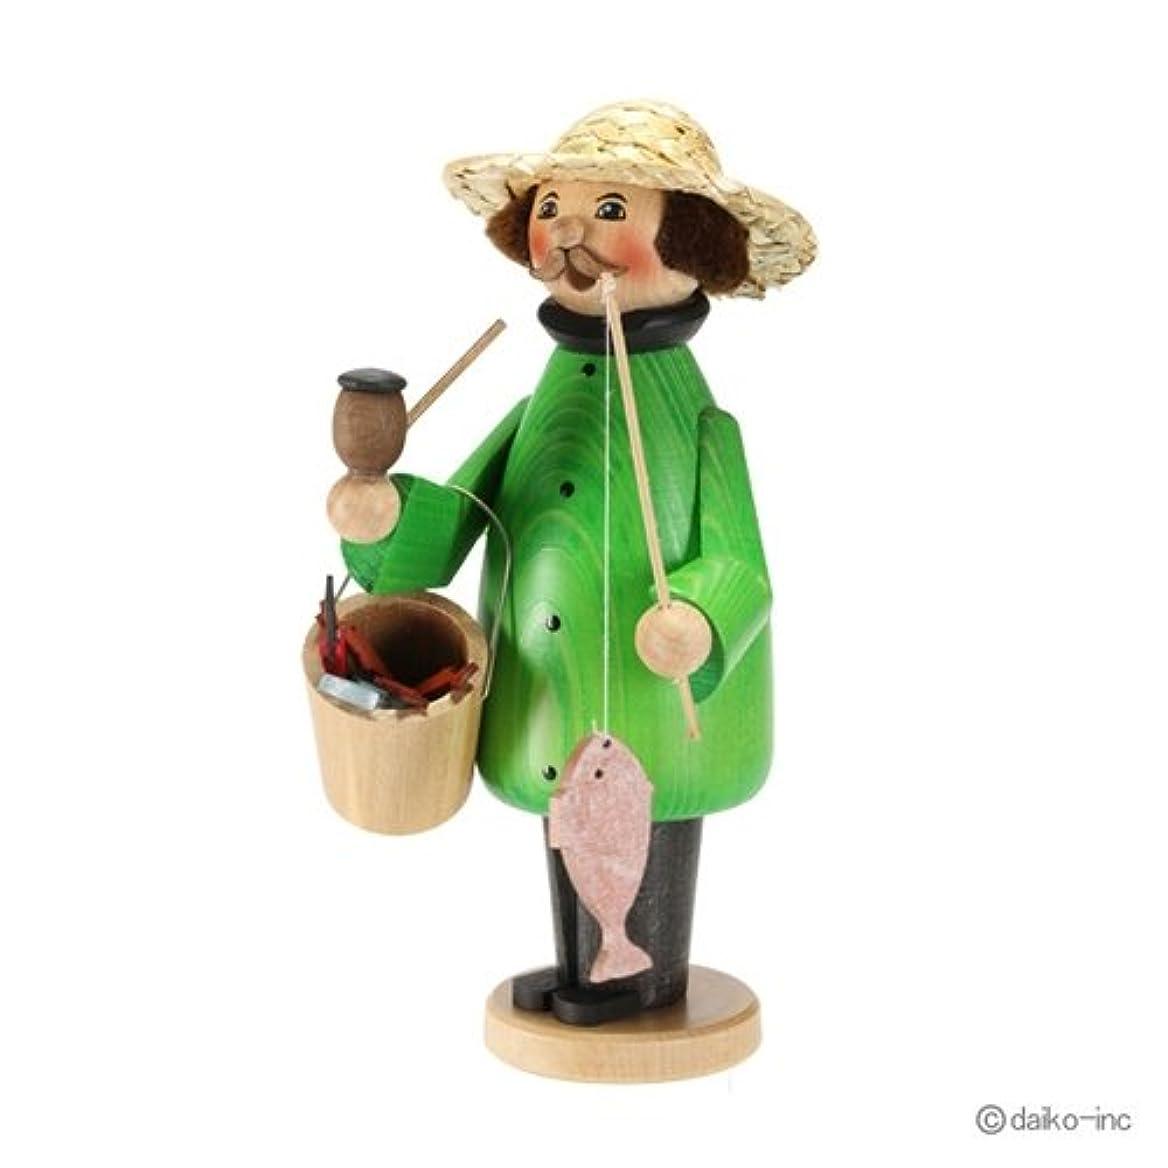 キャリア報復する自己尊重クーネルト kuhnert ミニパイプ人形香炉 釣り人